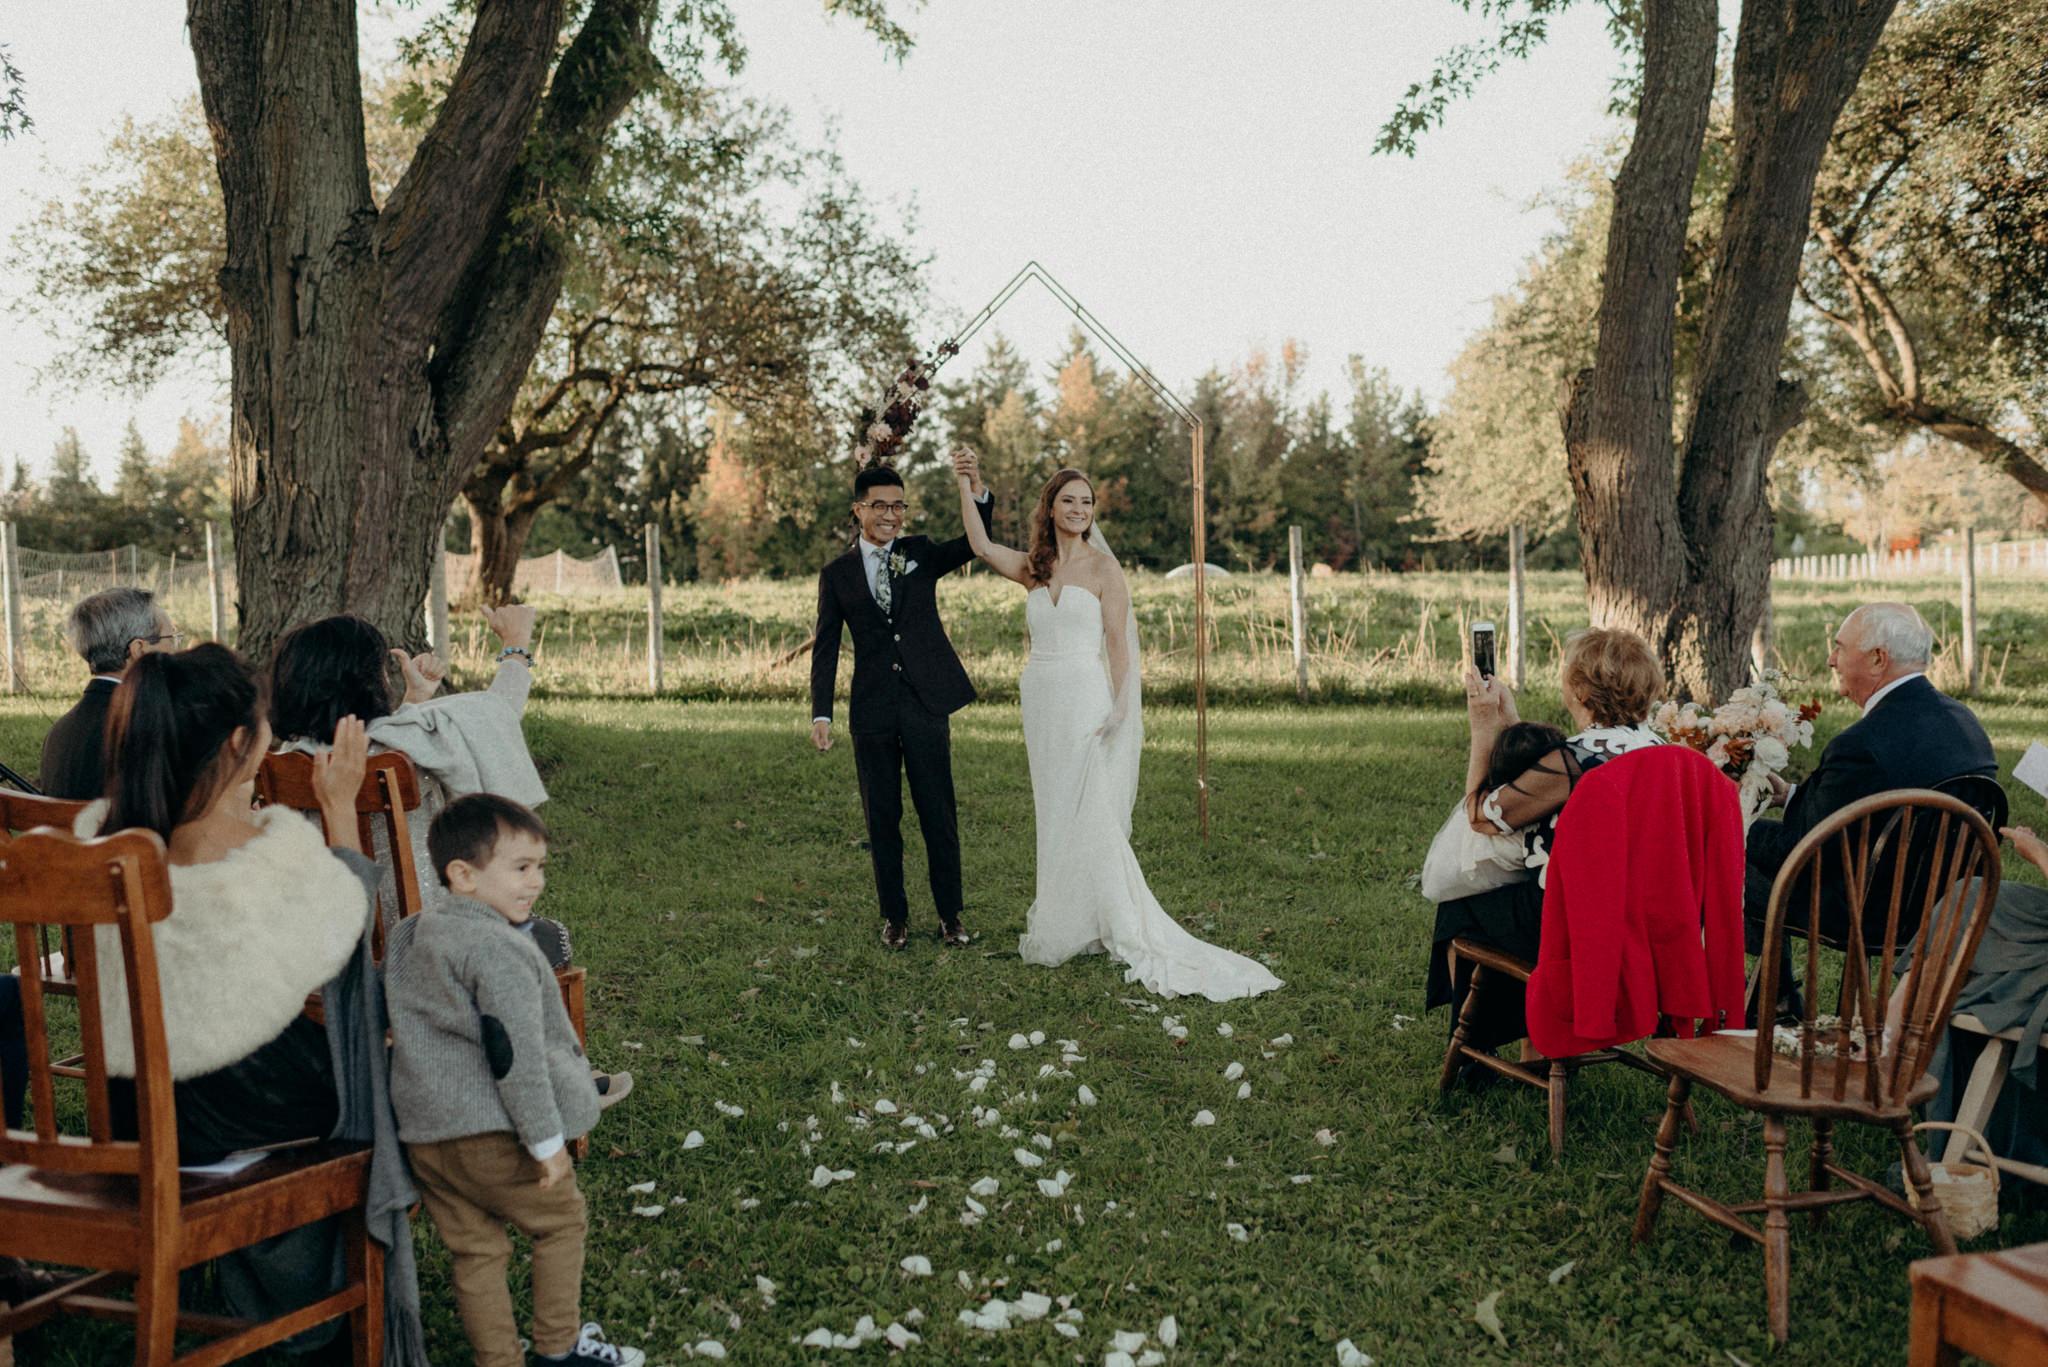 Couple celebrating after wedding ceremony